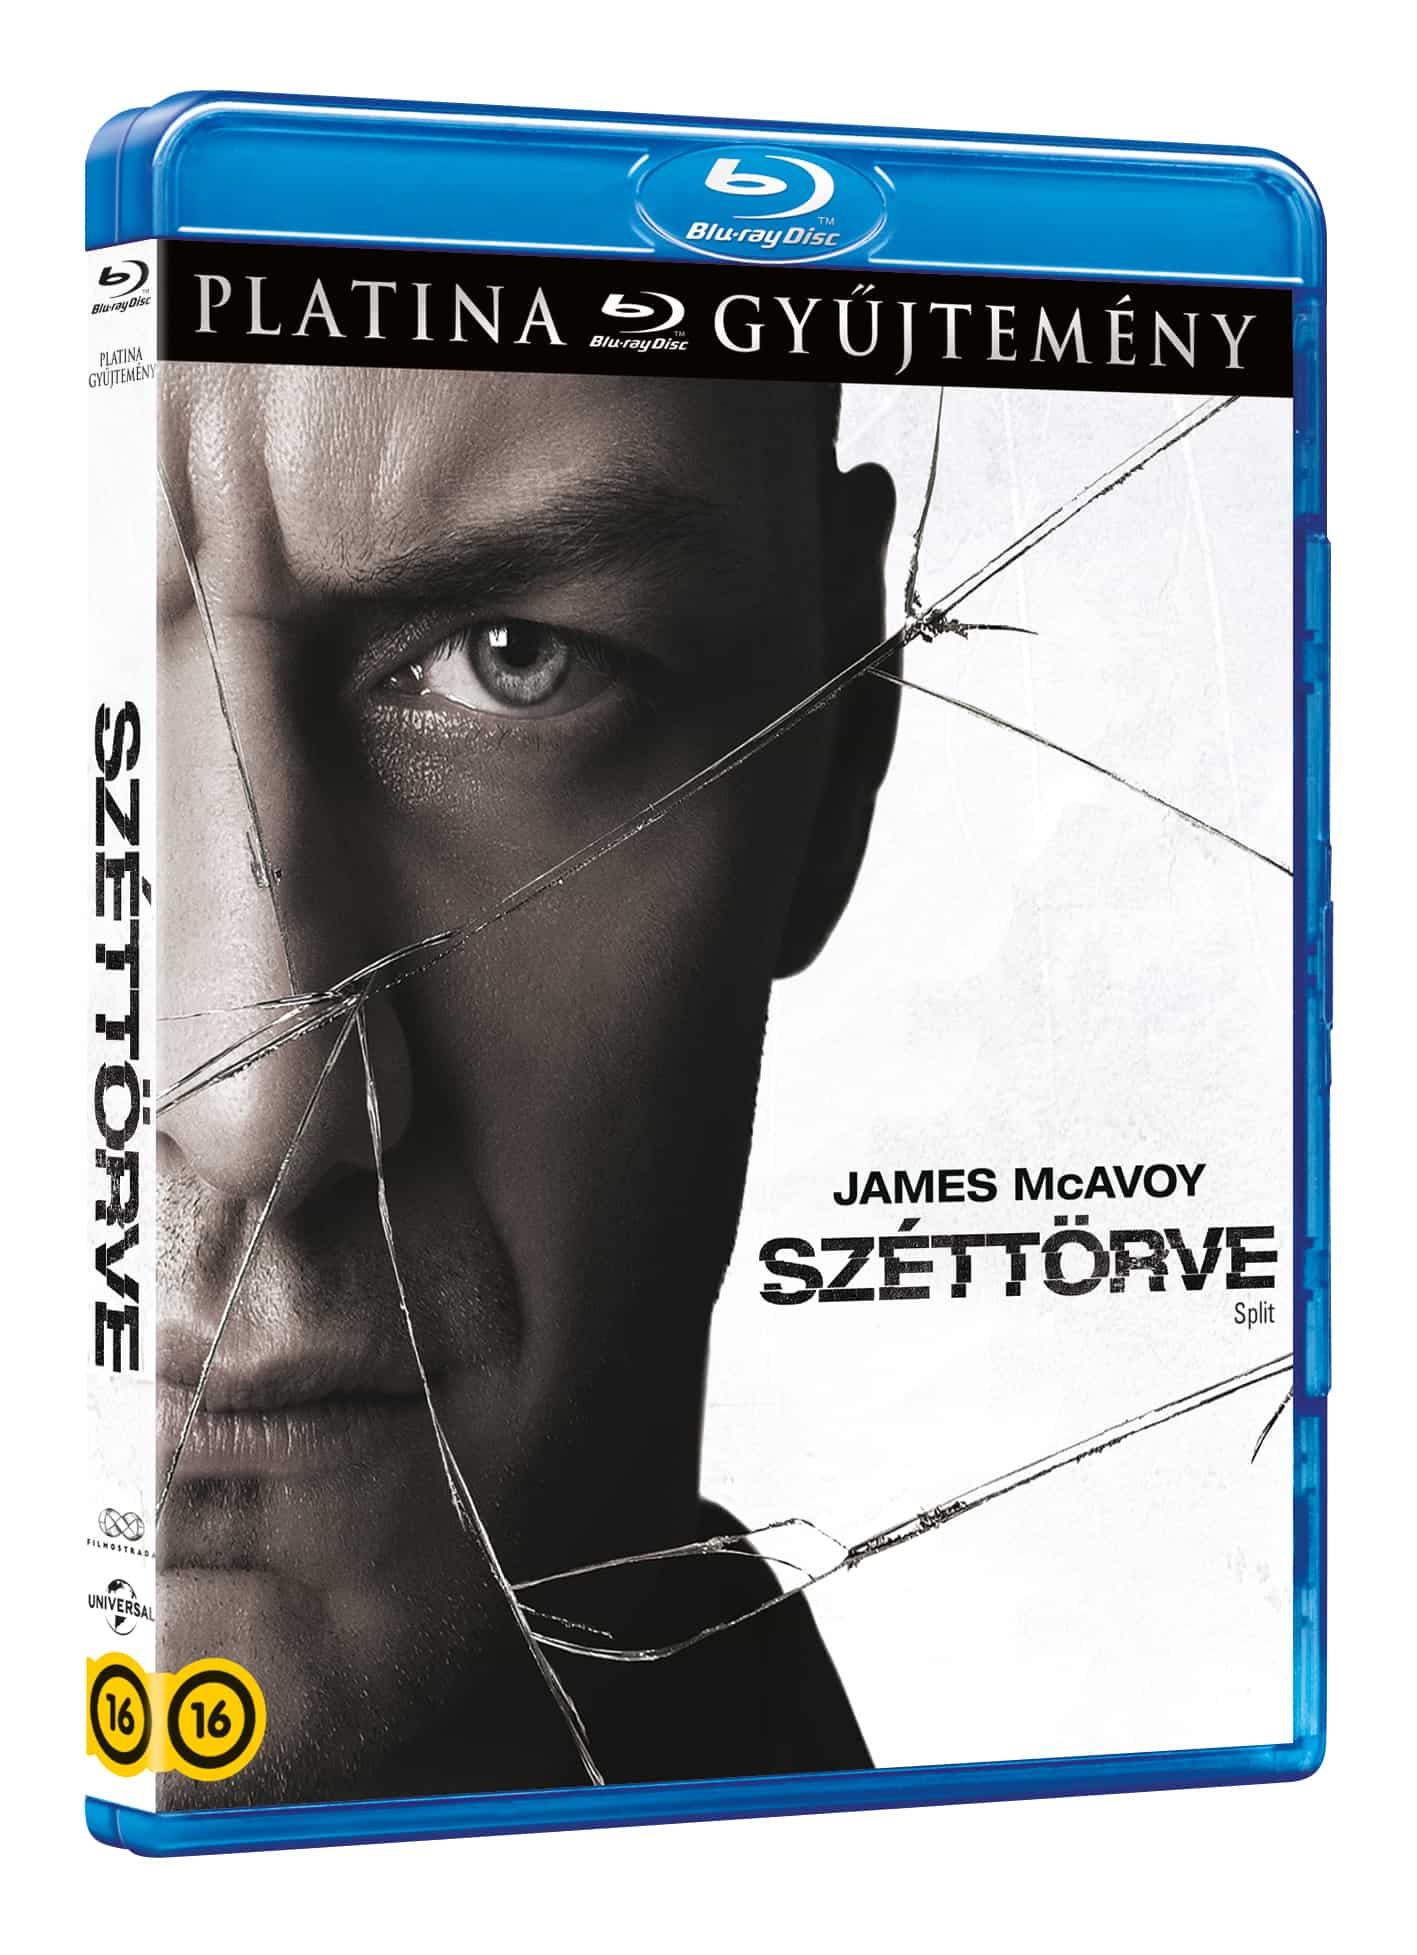 M. Night Shyamalan - Széttörve (platina gyűjtemény) - Blu-ray